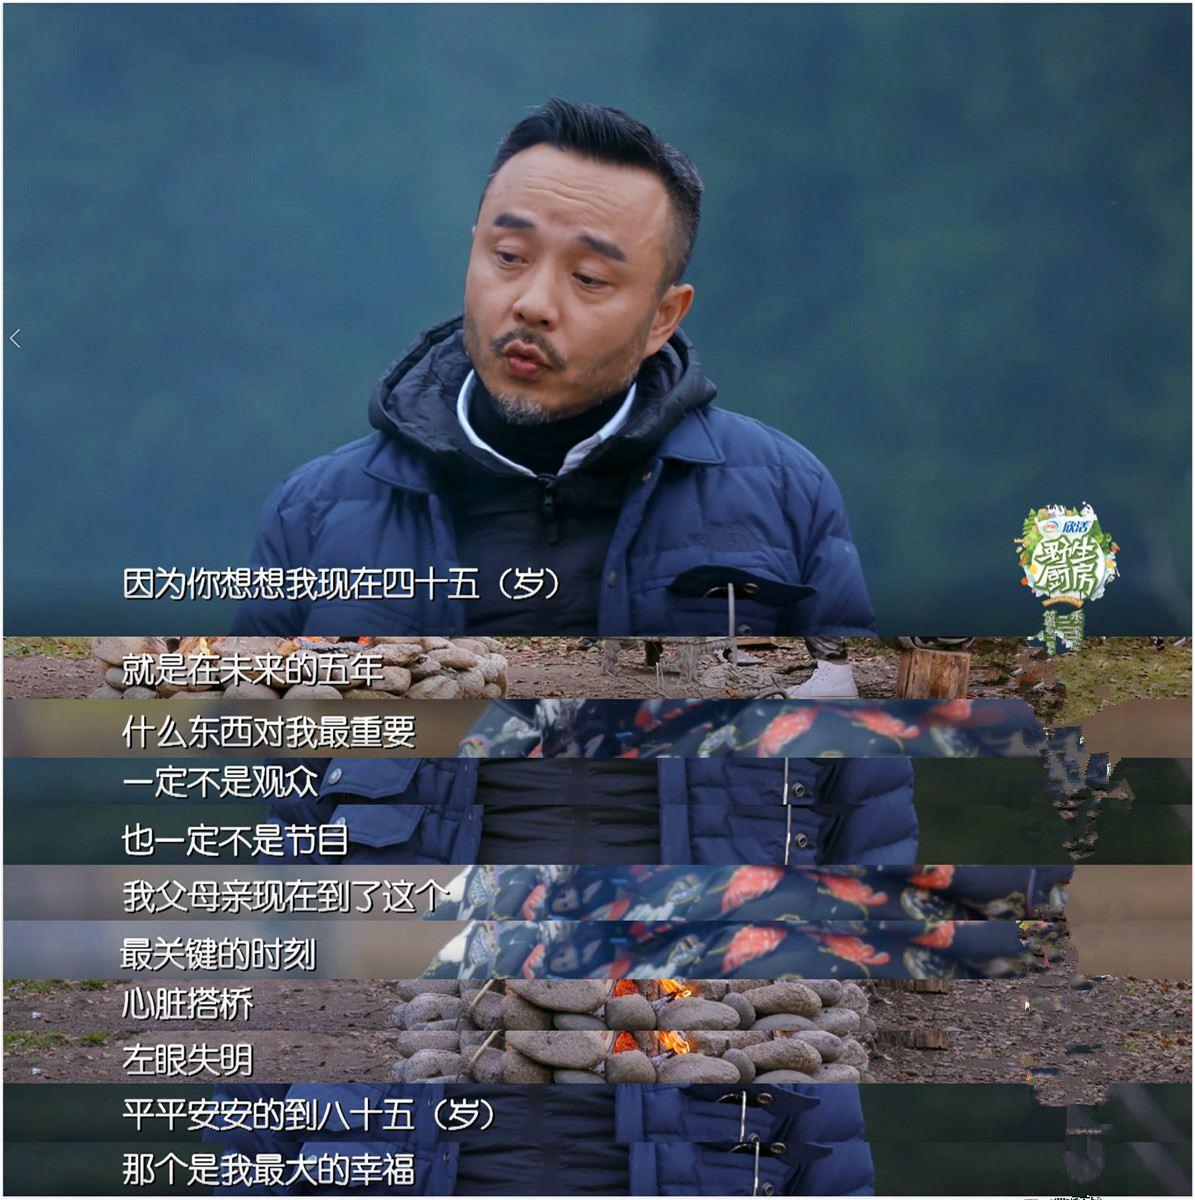 《野生厨房2》汪涵四十五岁男人.jpg